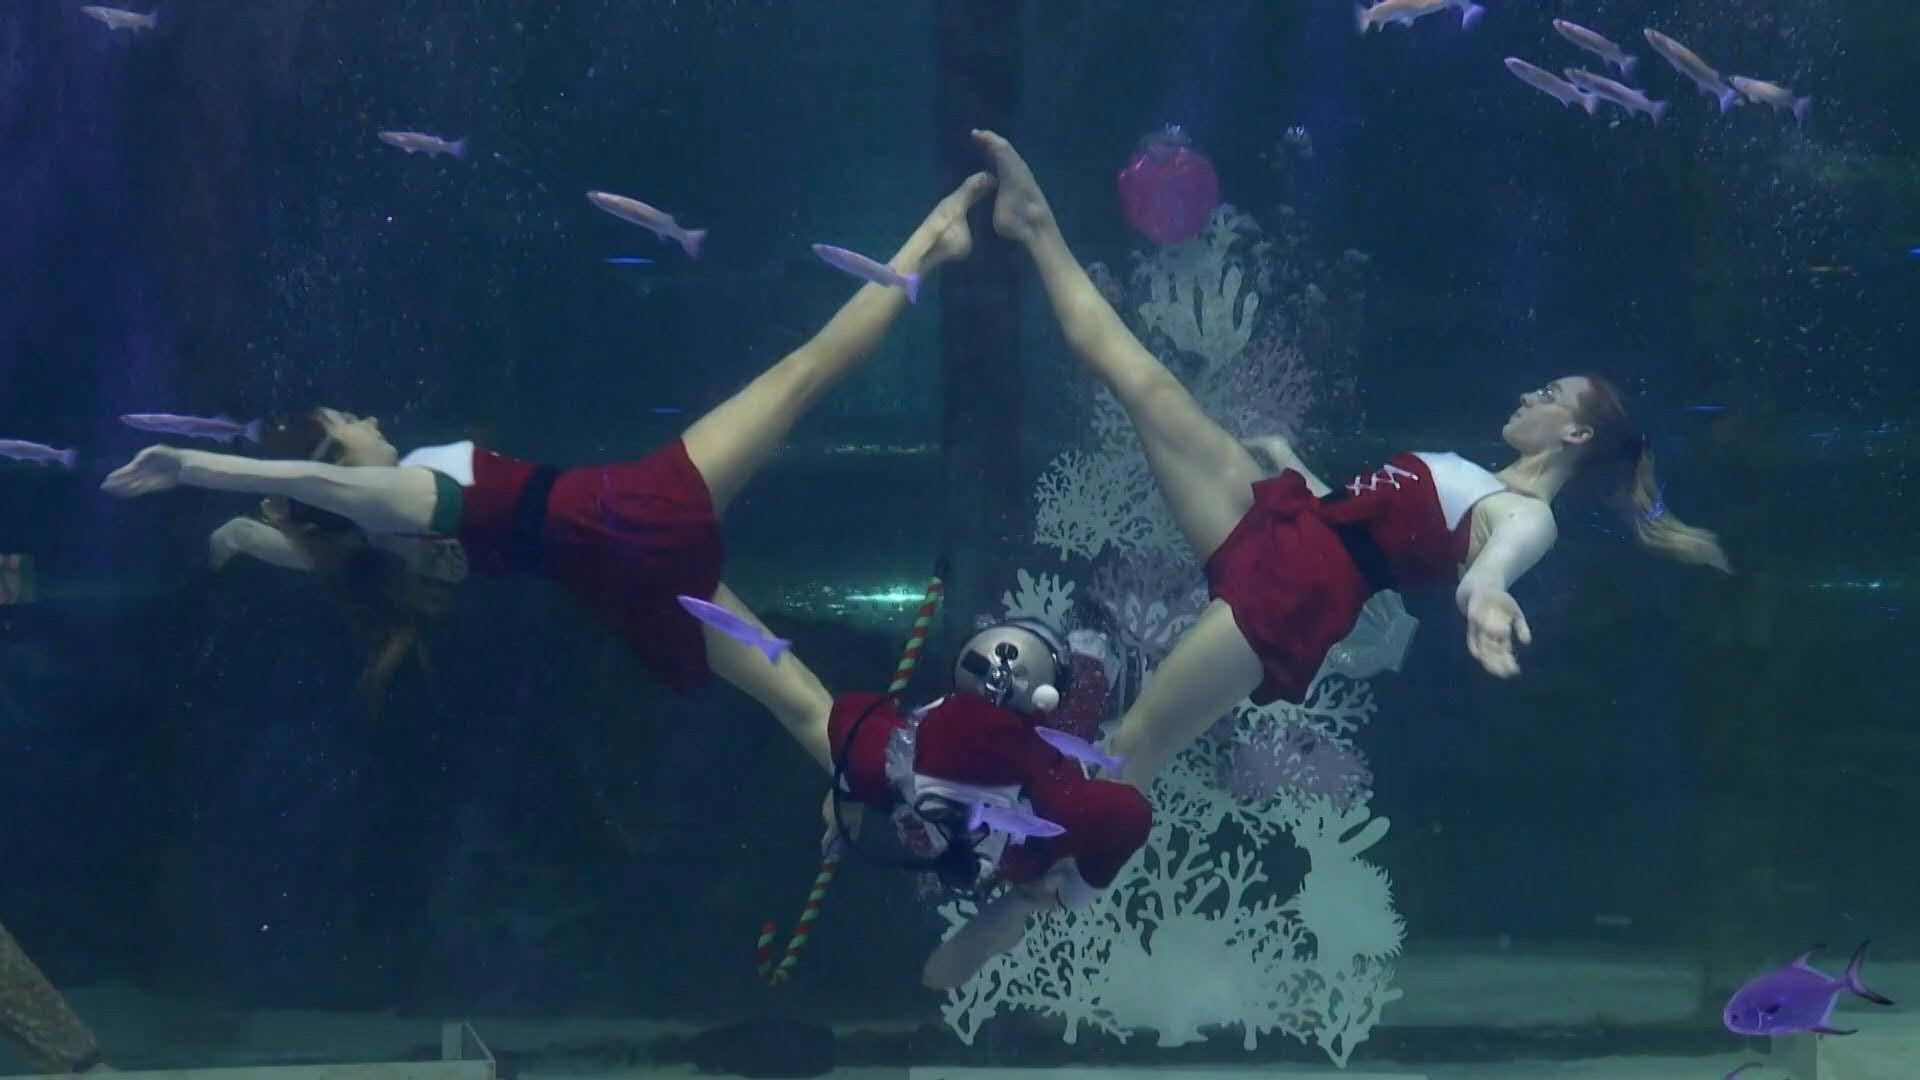 Dança artística debaixo de água para atrair visitantes este Natal